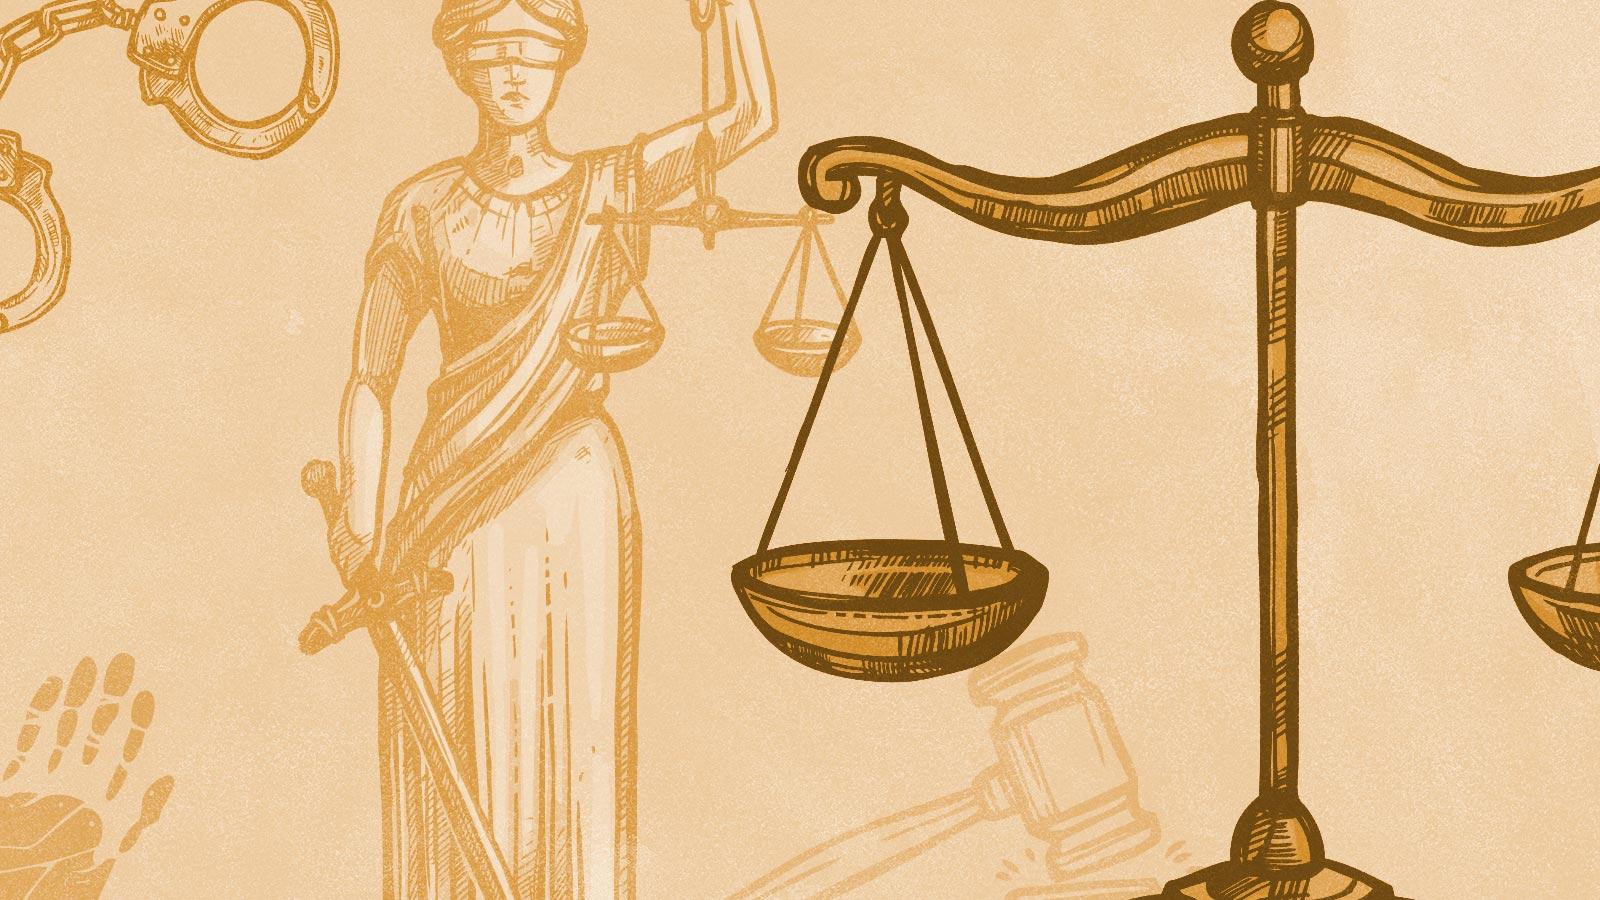 blog ieu campo laboral del egresado de la maestría en derecho y ciencias penales de ieu